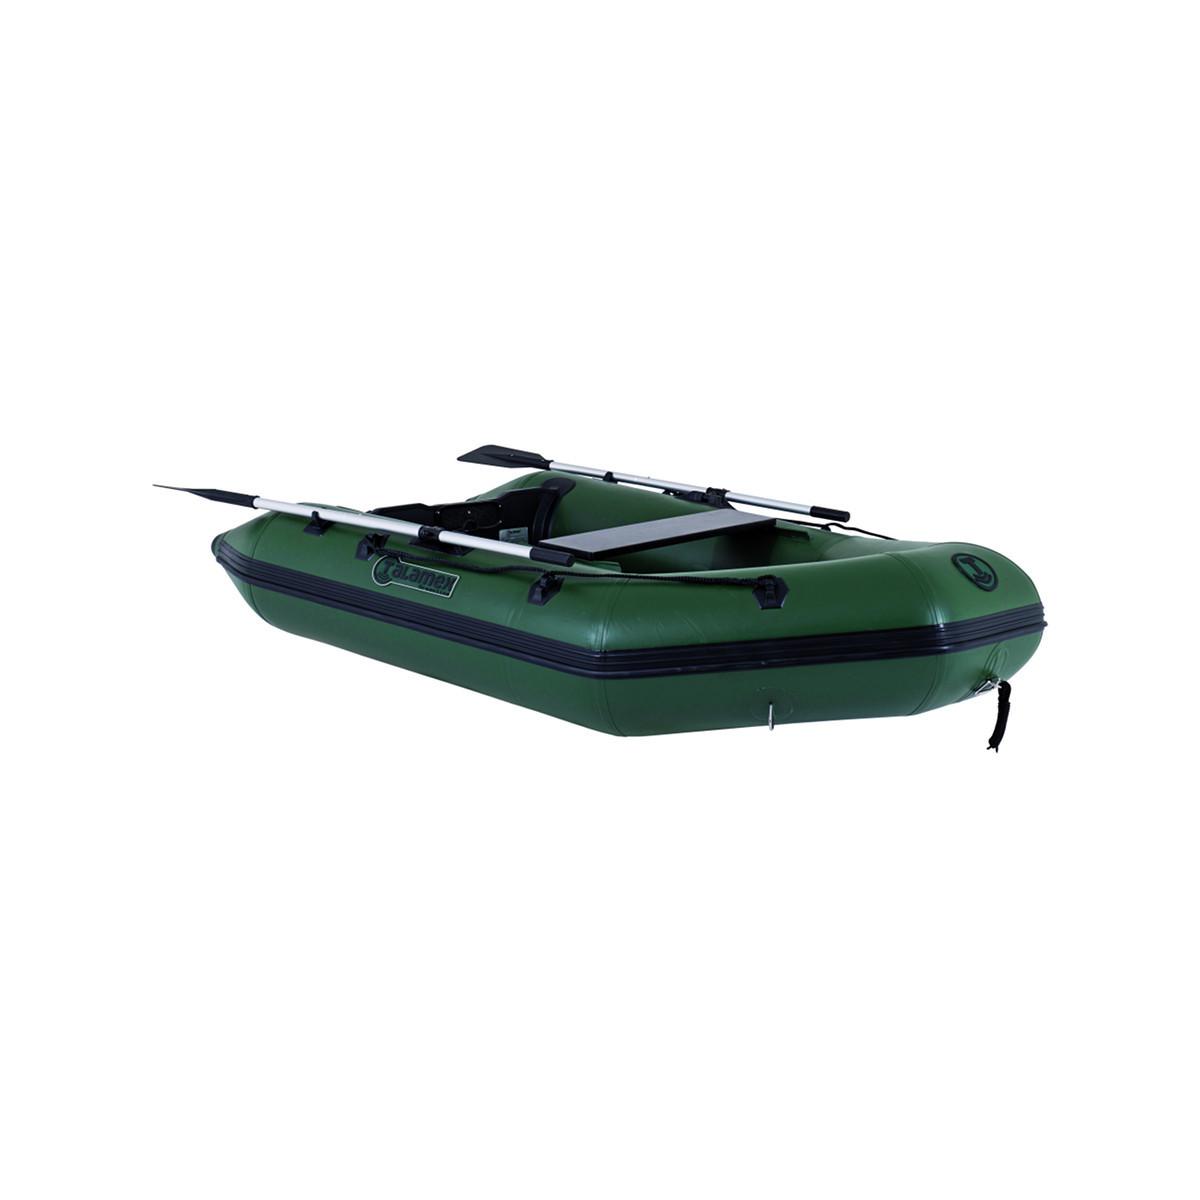 Talamex Greenline GLW300 opblaasbare rubberboot met houten bodem, lengte 3,00m, donkergroen